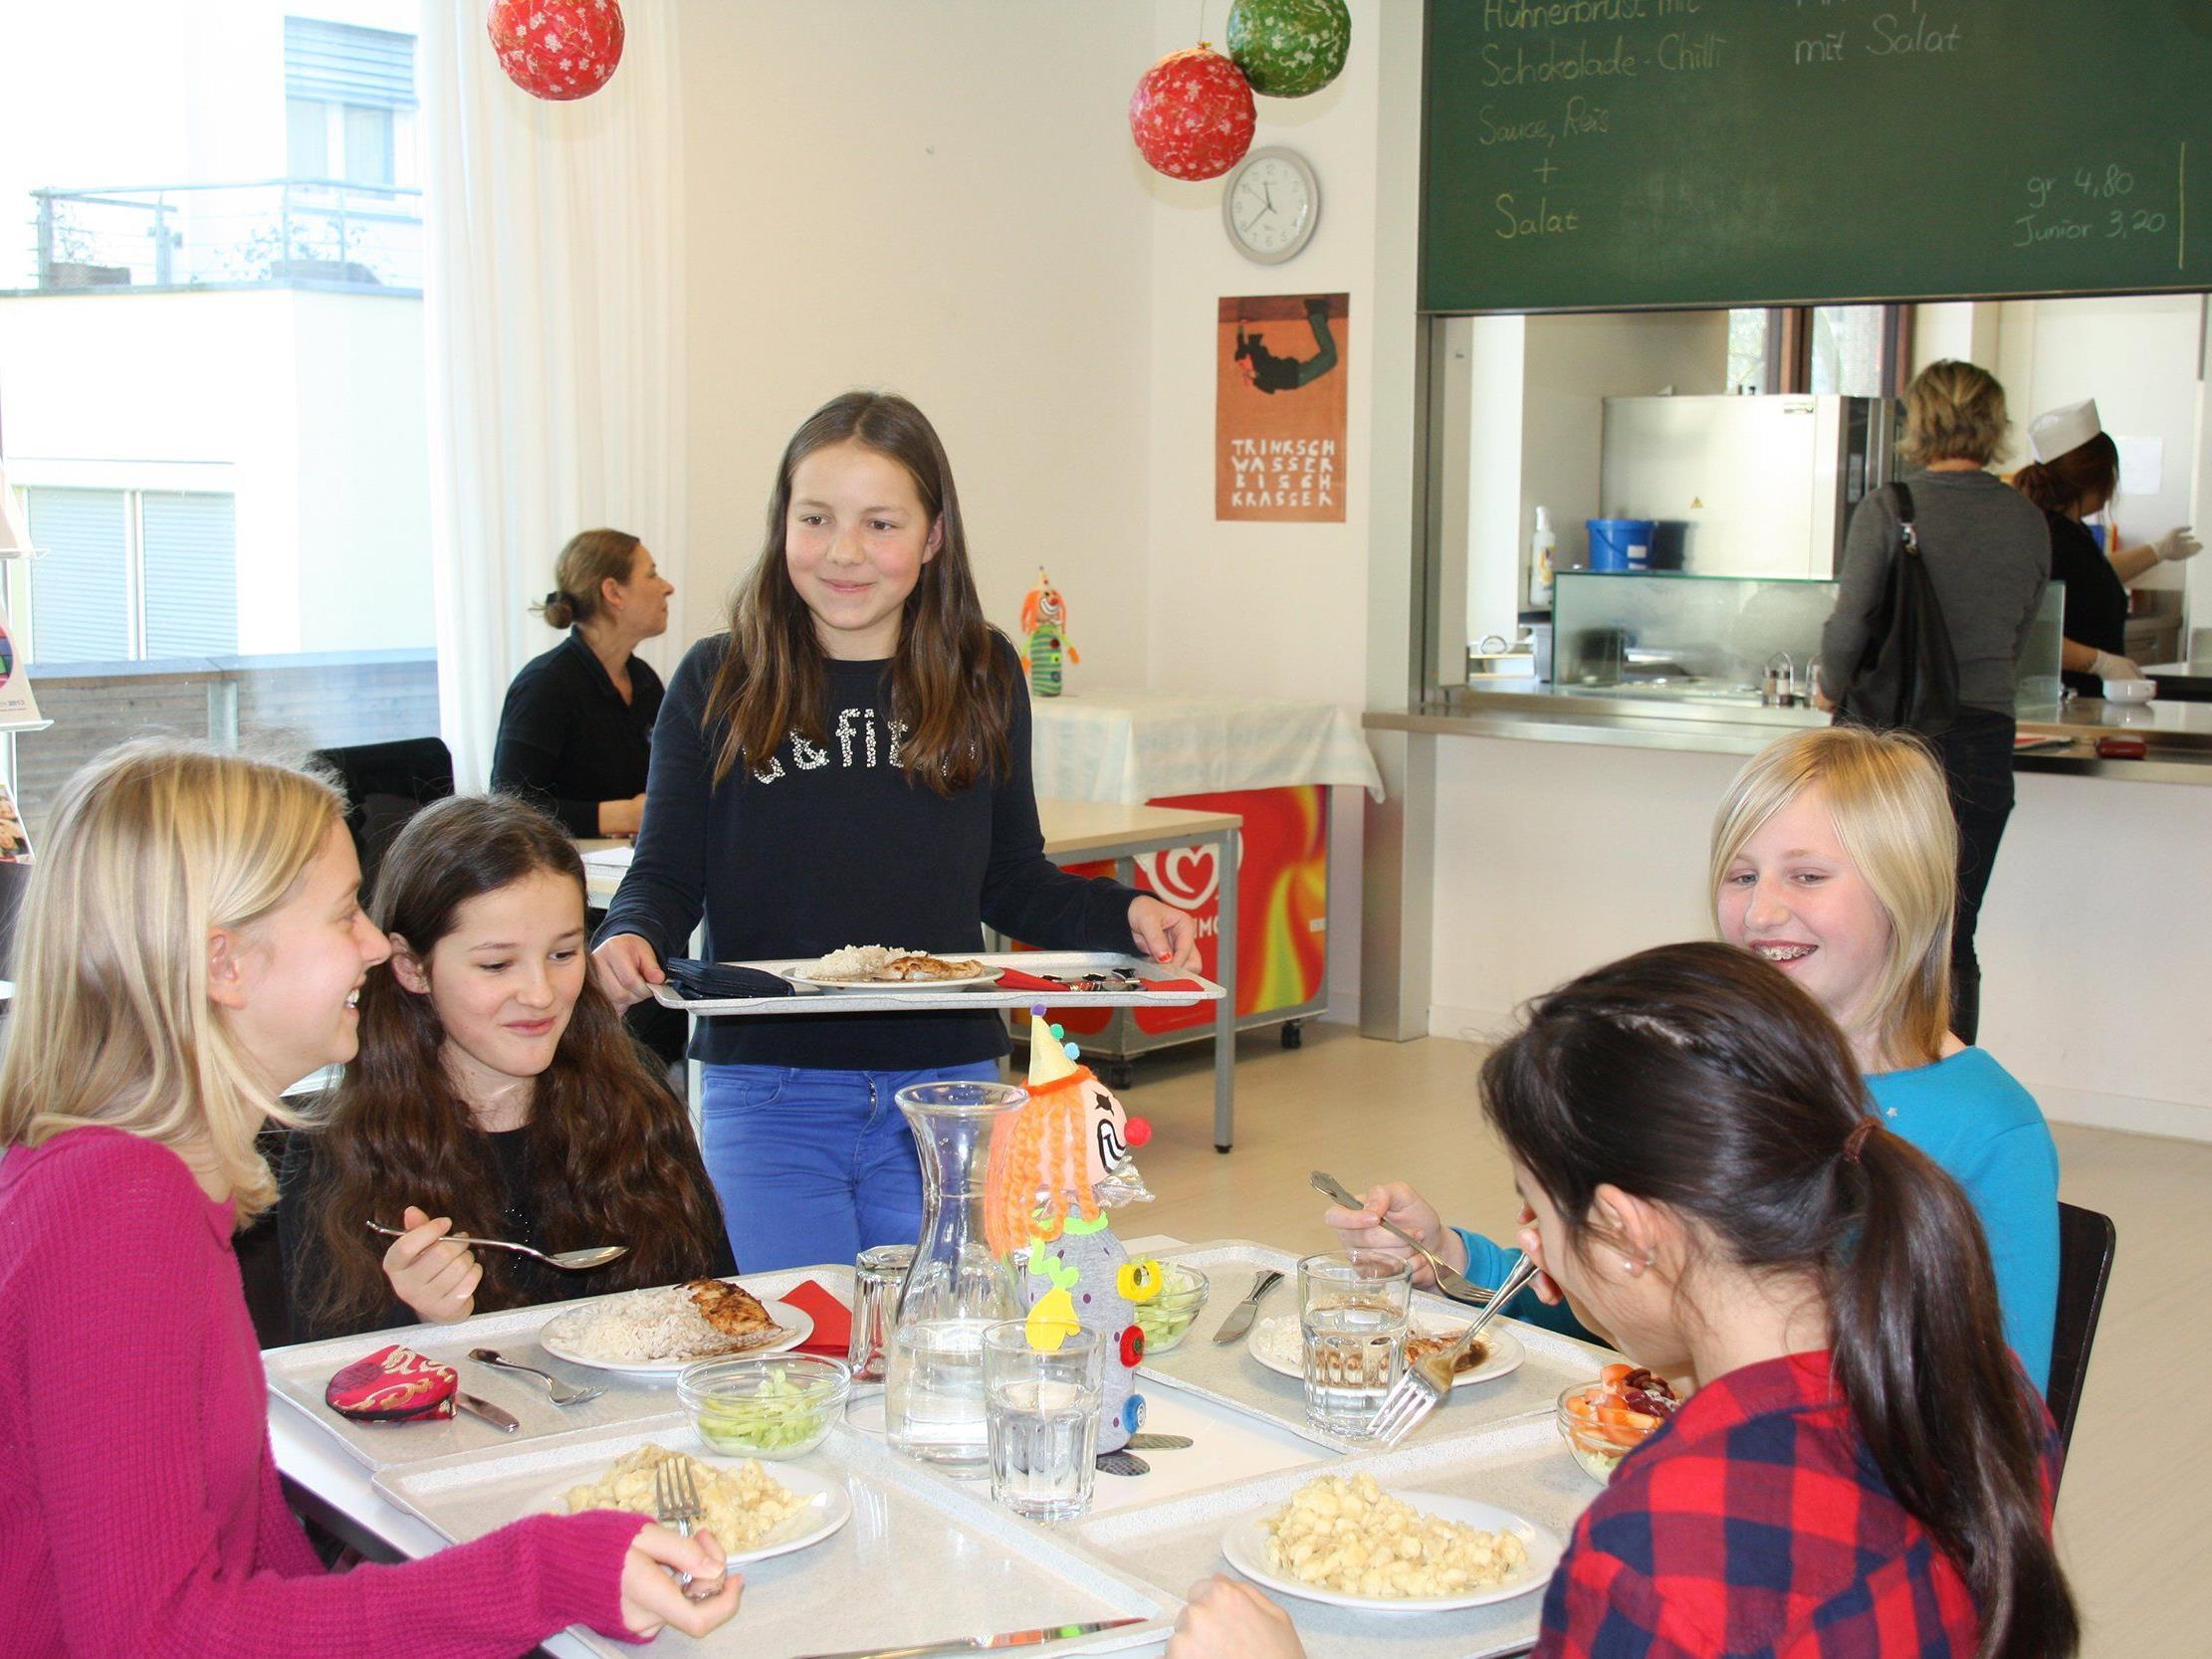 Kinder und Jugendliche schätzen frisch zubereitete Mittagsgerichte